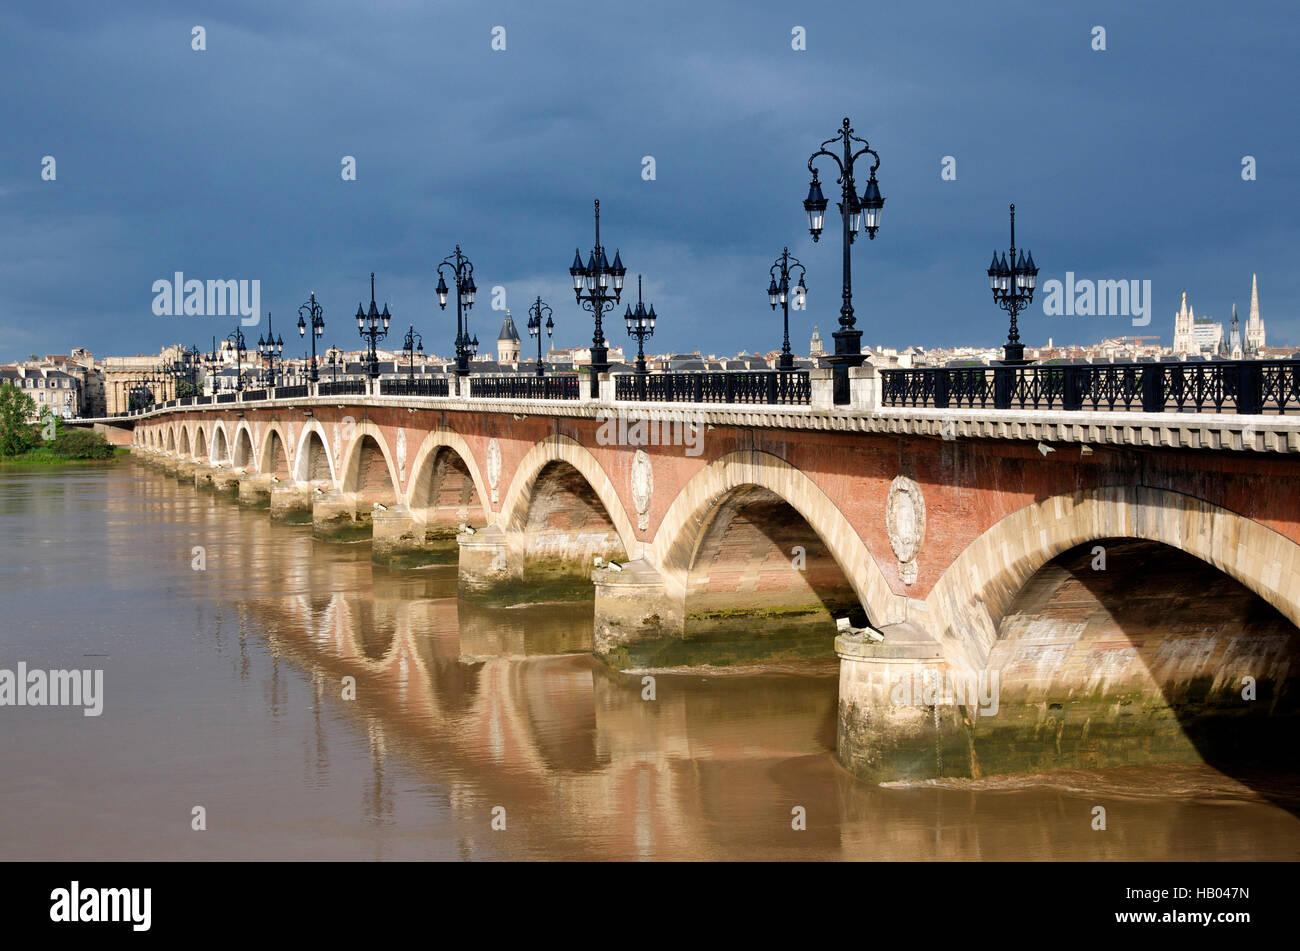 Der Pont de Pierre Überquerung des Flusses Garonne, Bordeaux, Aquitanien, Frankreich, Europa Stockbild